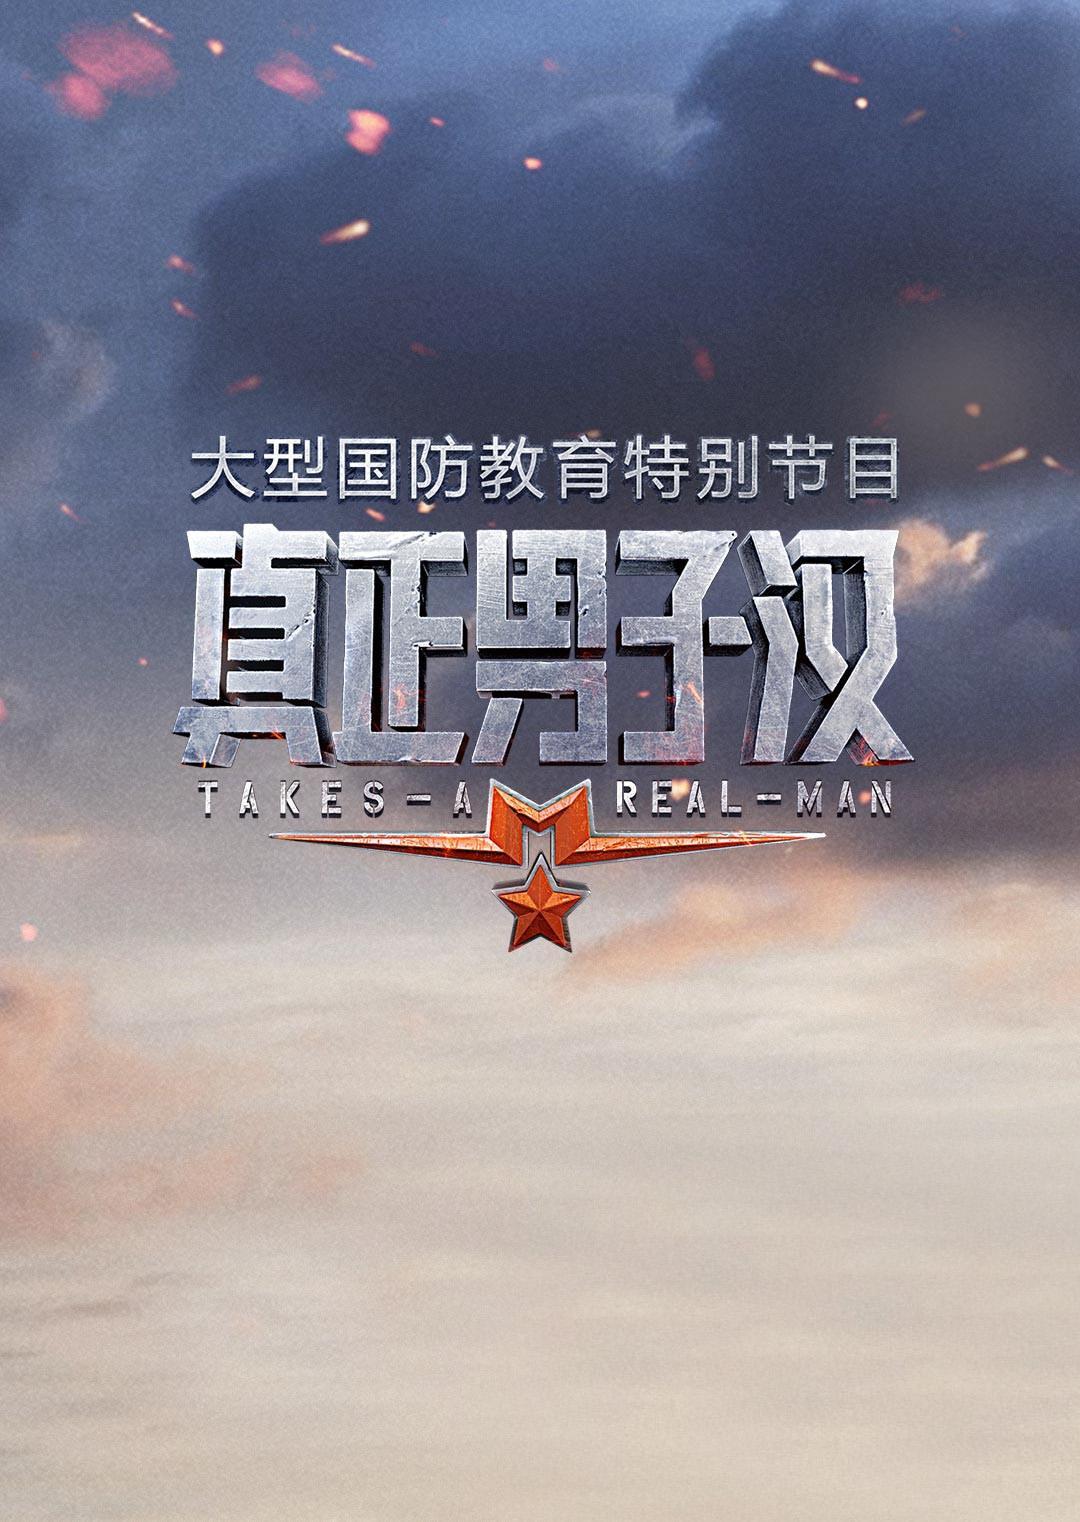 真正男子汉 第一季海报